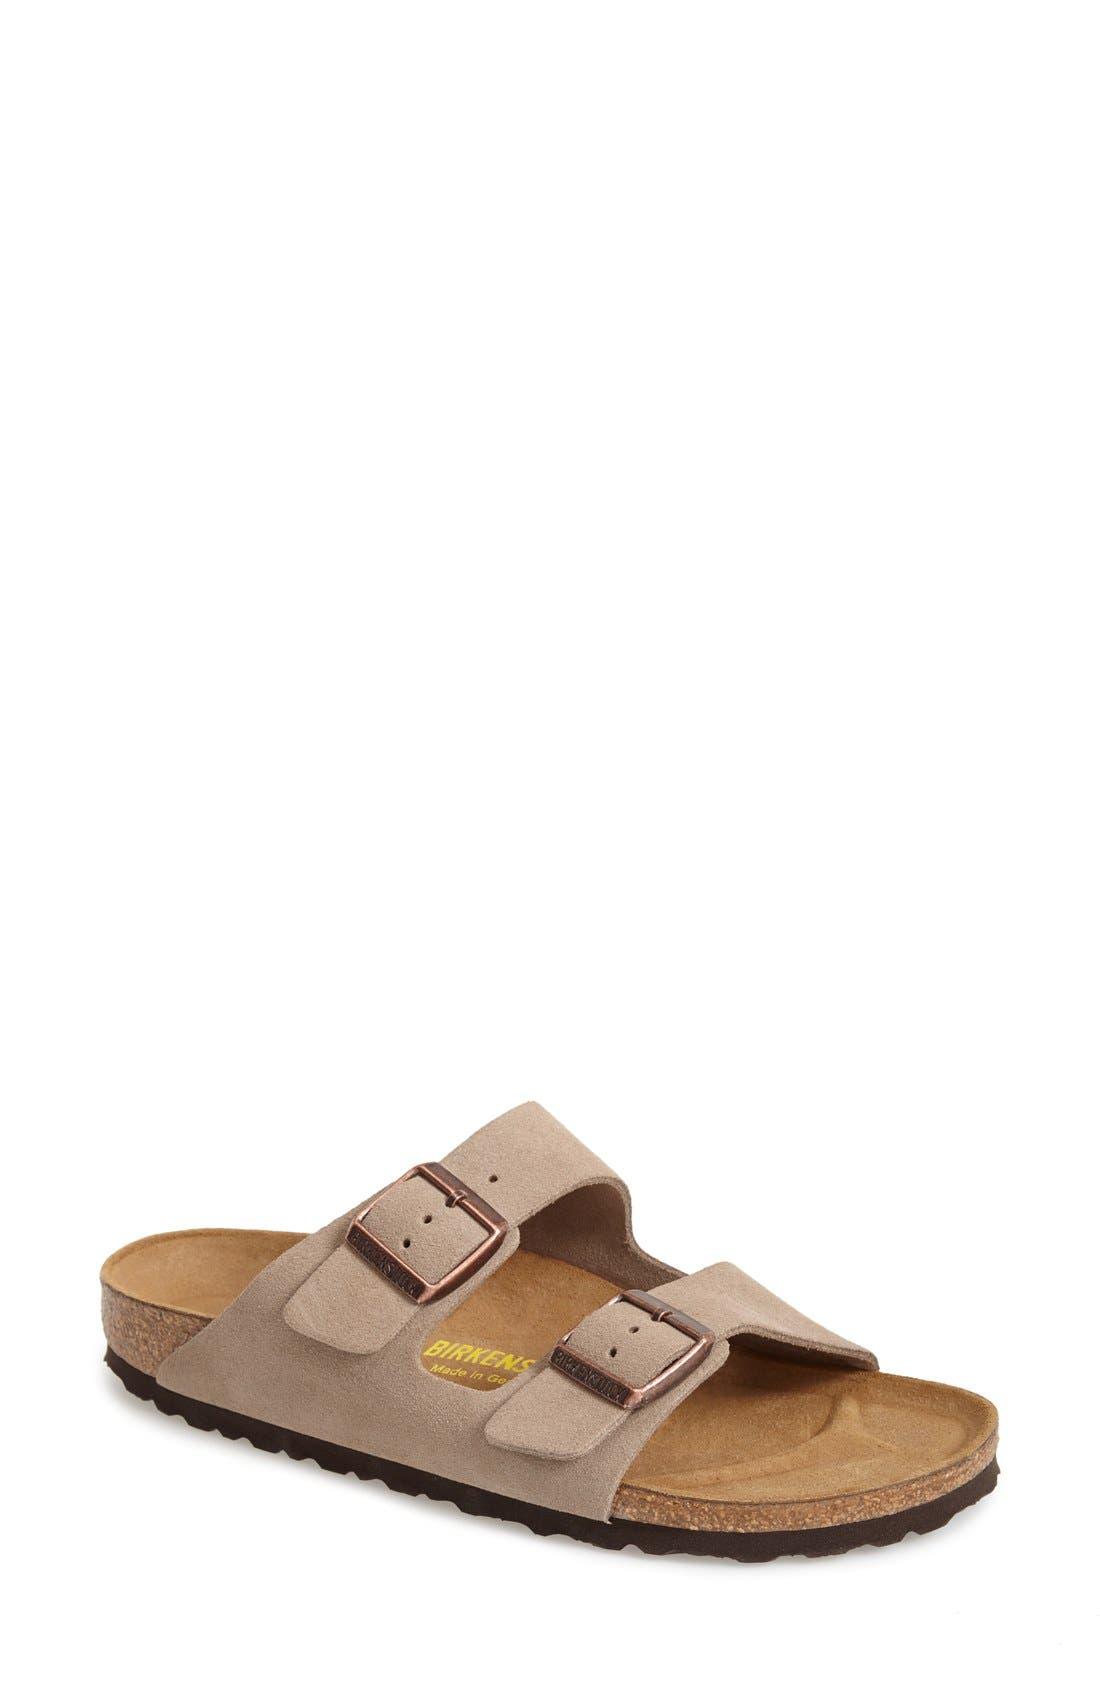 7261bd8f33a0d Women's Sandals | Nordstrom